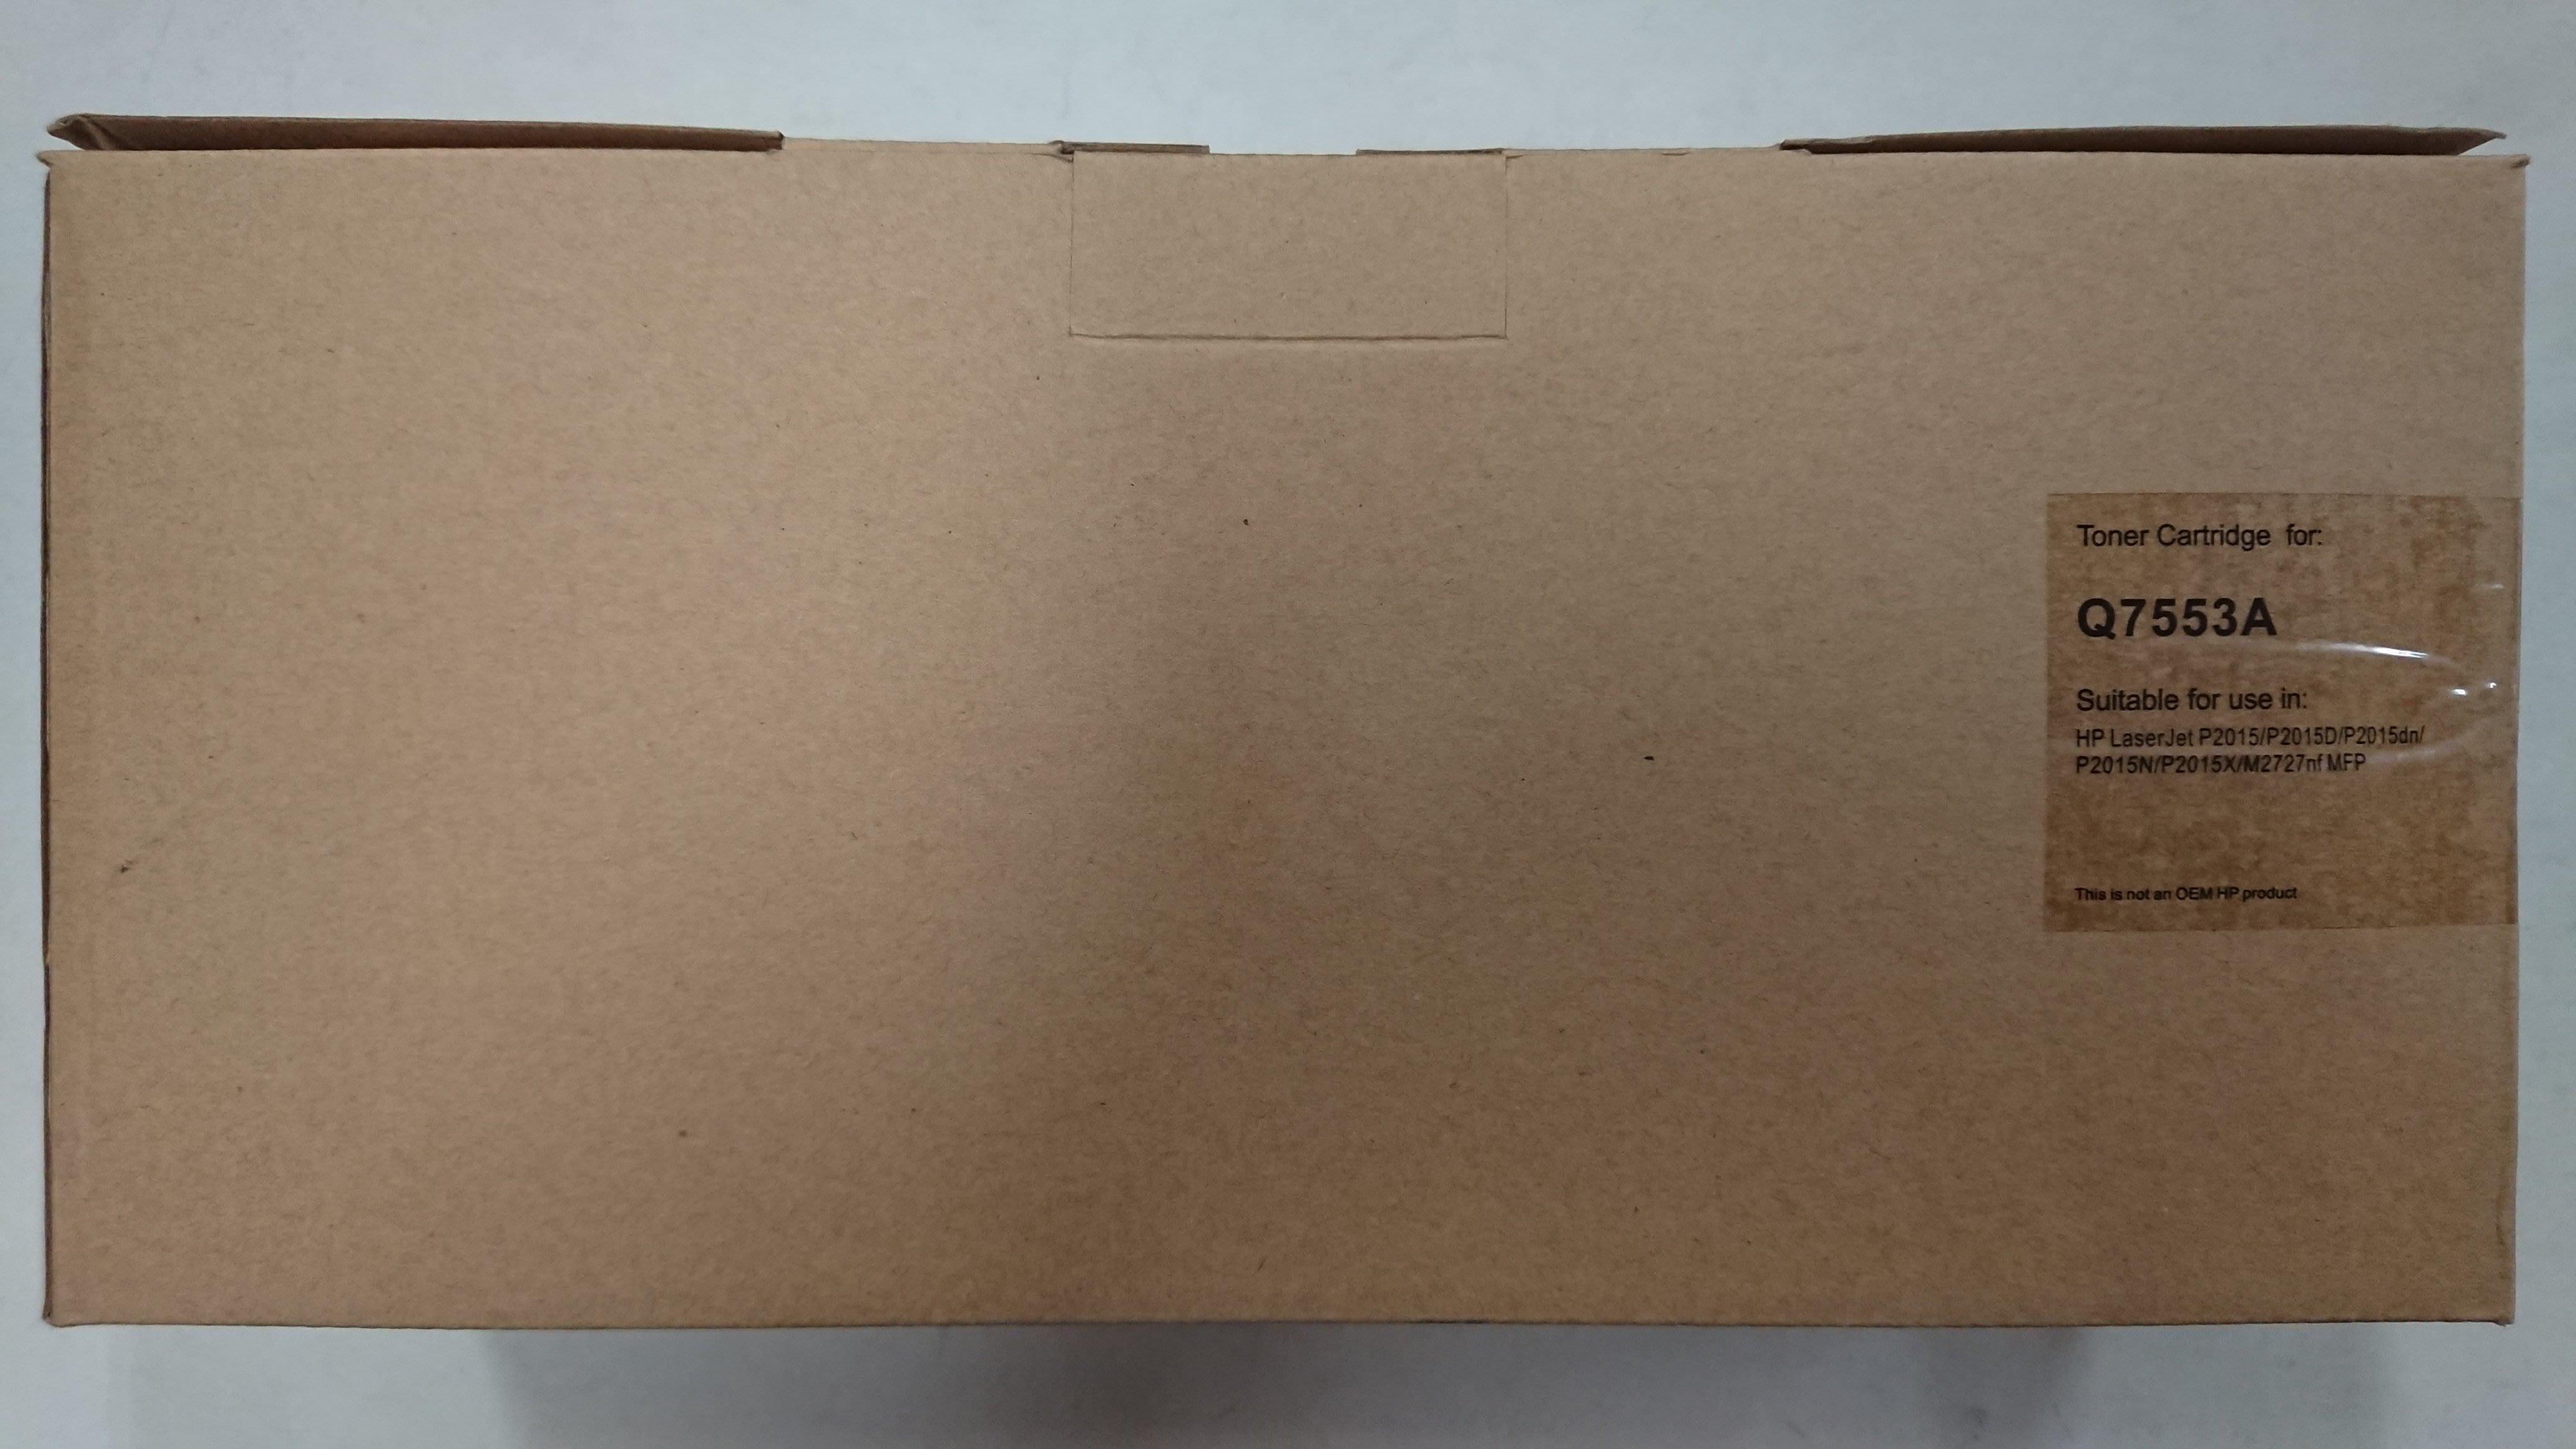 HP Q7553A 原廠黑色碳粉夾 牛皮色紙盒包裝